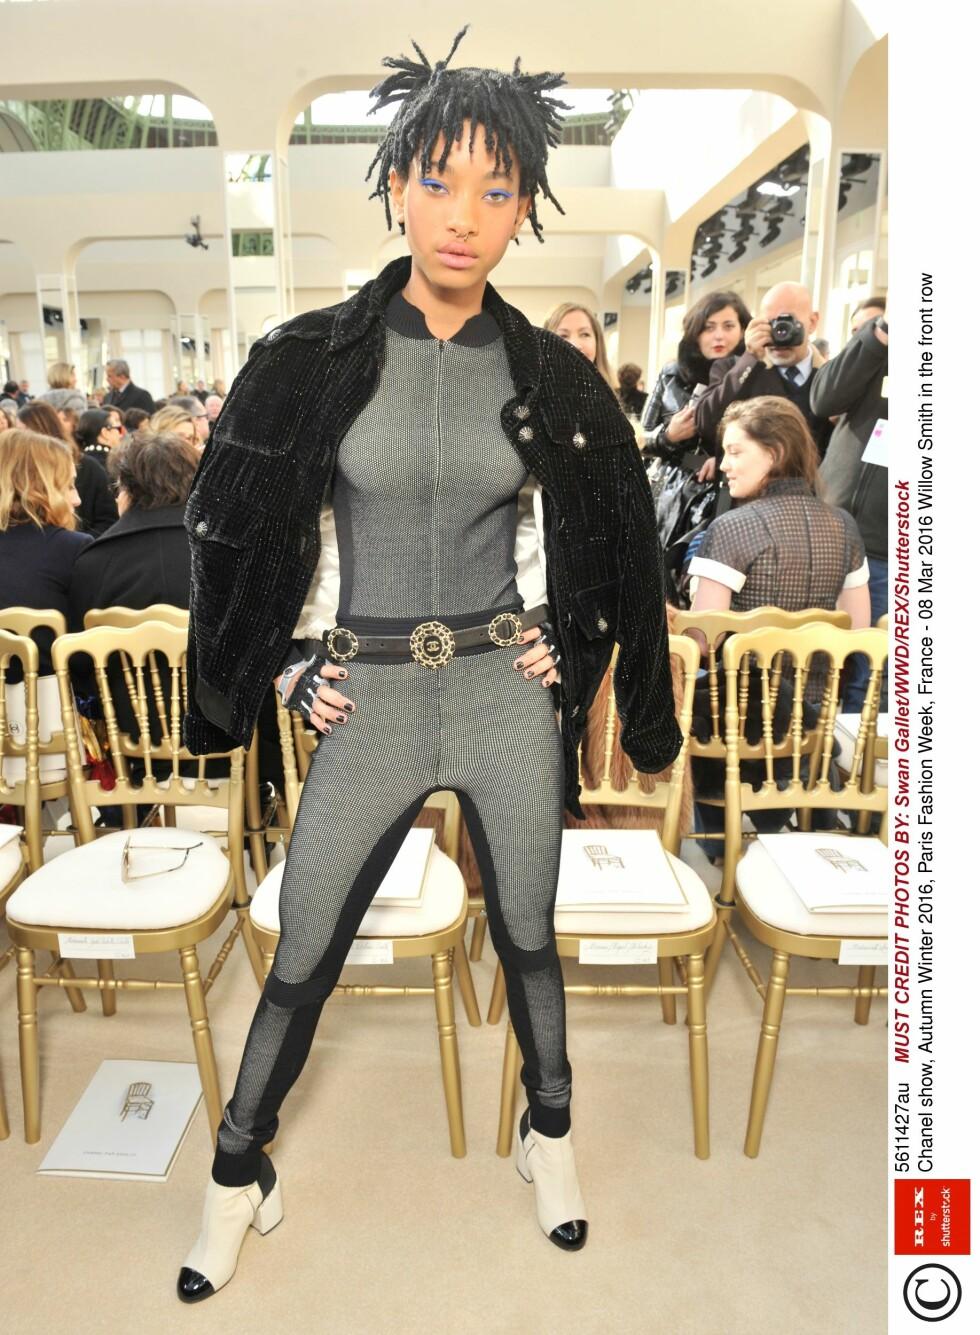 <strong>NY STJERNE:</strong> Willow Smith dukket opp i Paris i et svært tettsittende antrekk. Foto: Rex Features